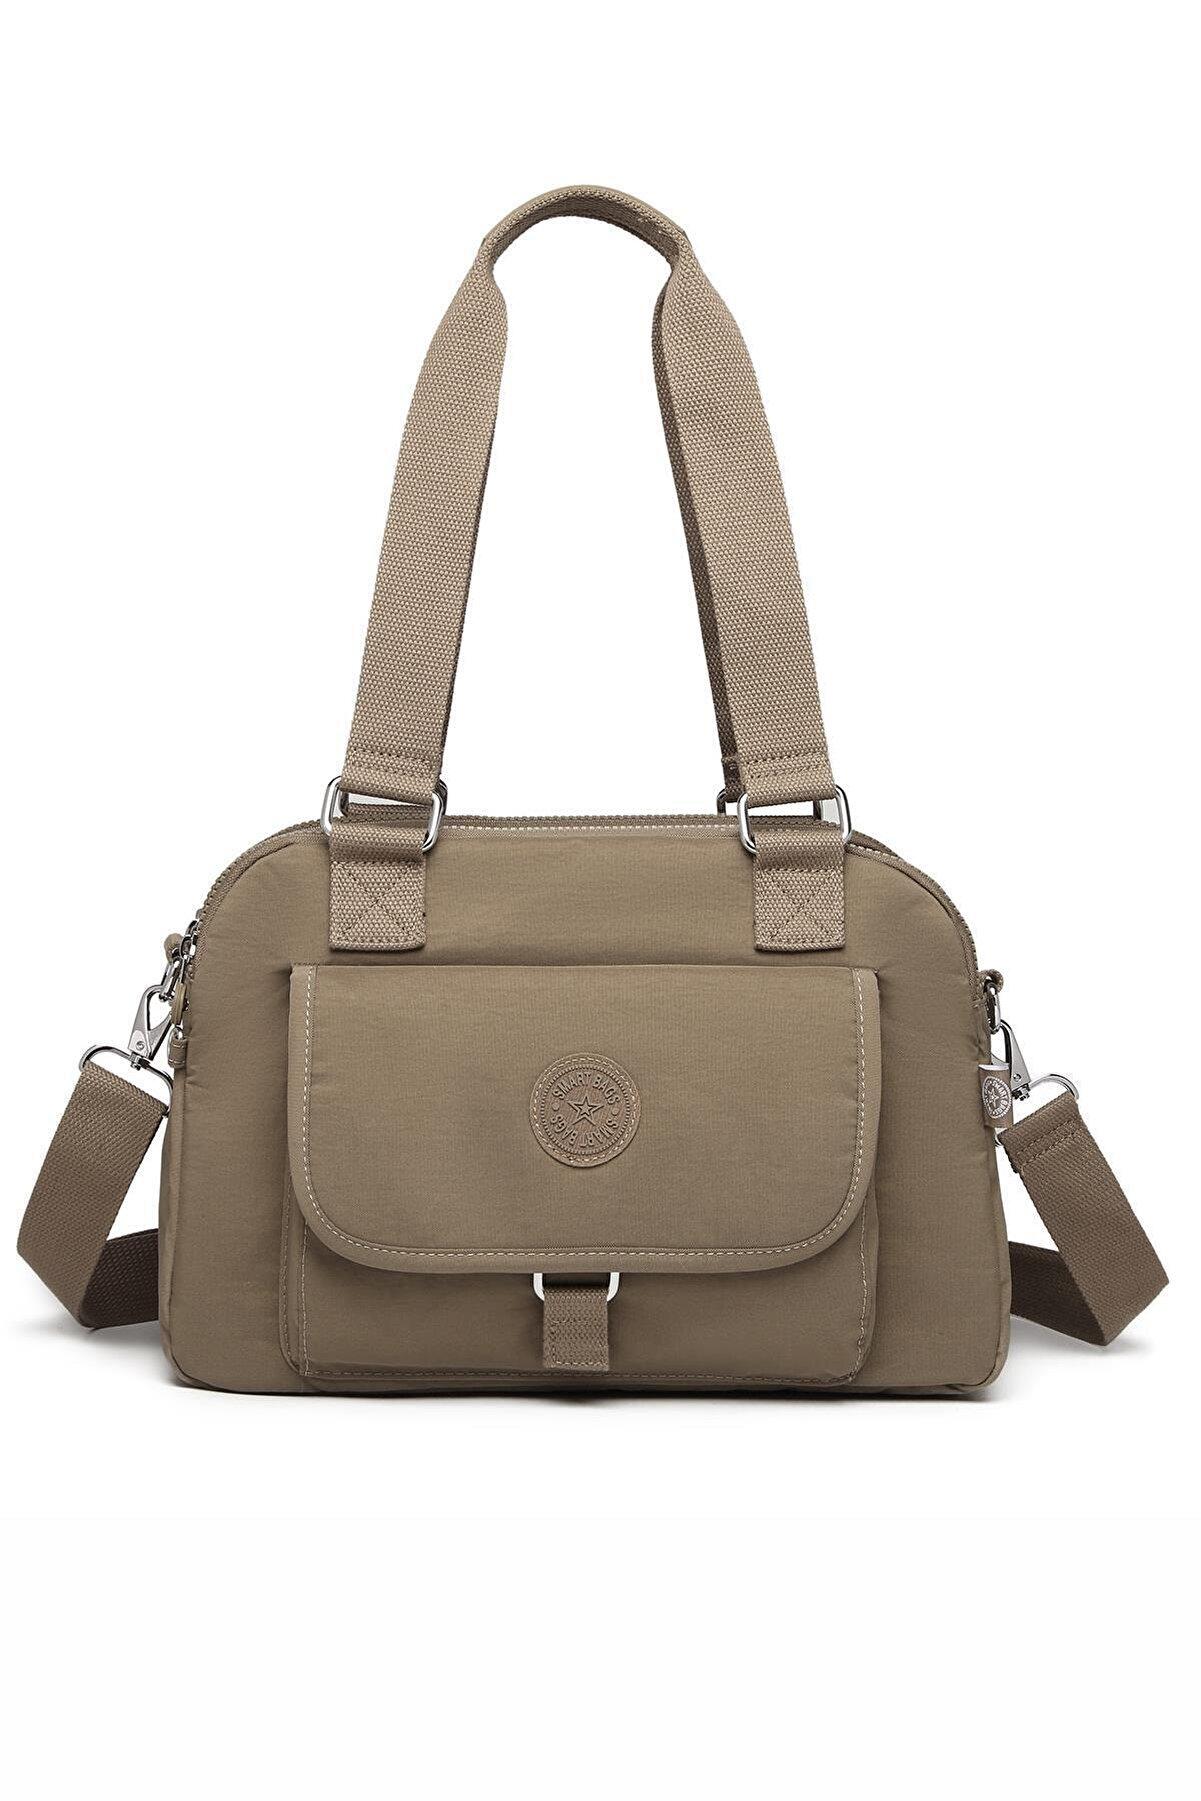 Smart Bags Smbyb1122-0007 Açık Kahverengi Kadın Omuz Çantası